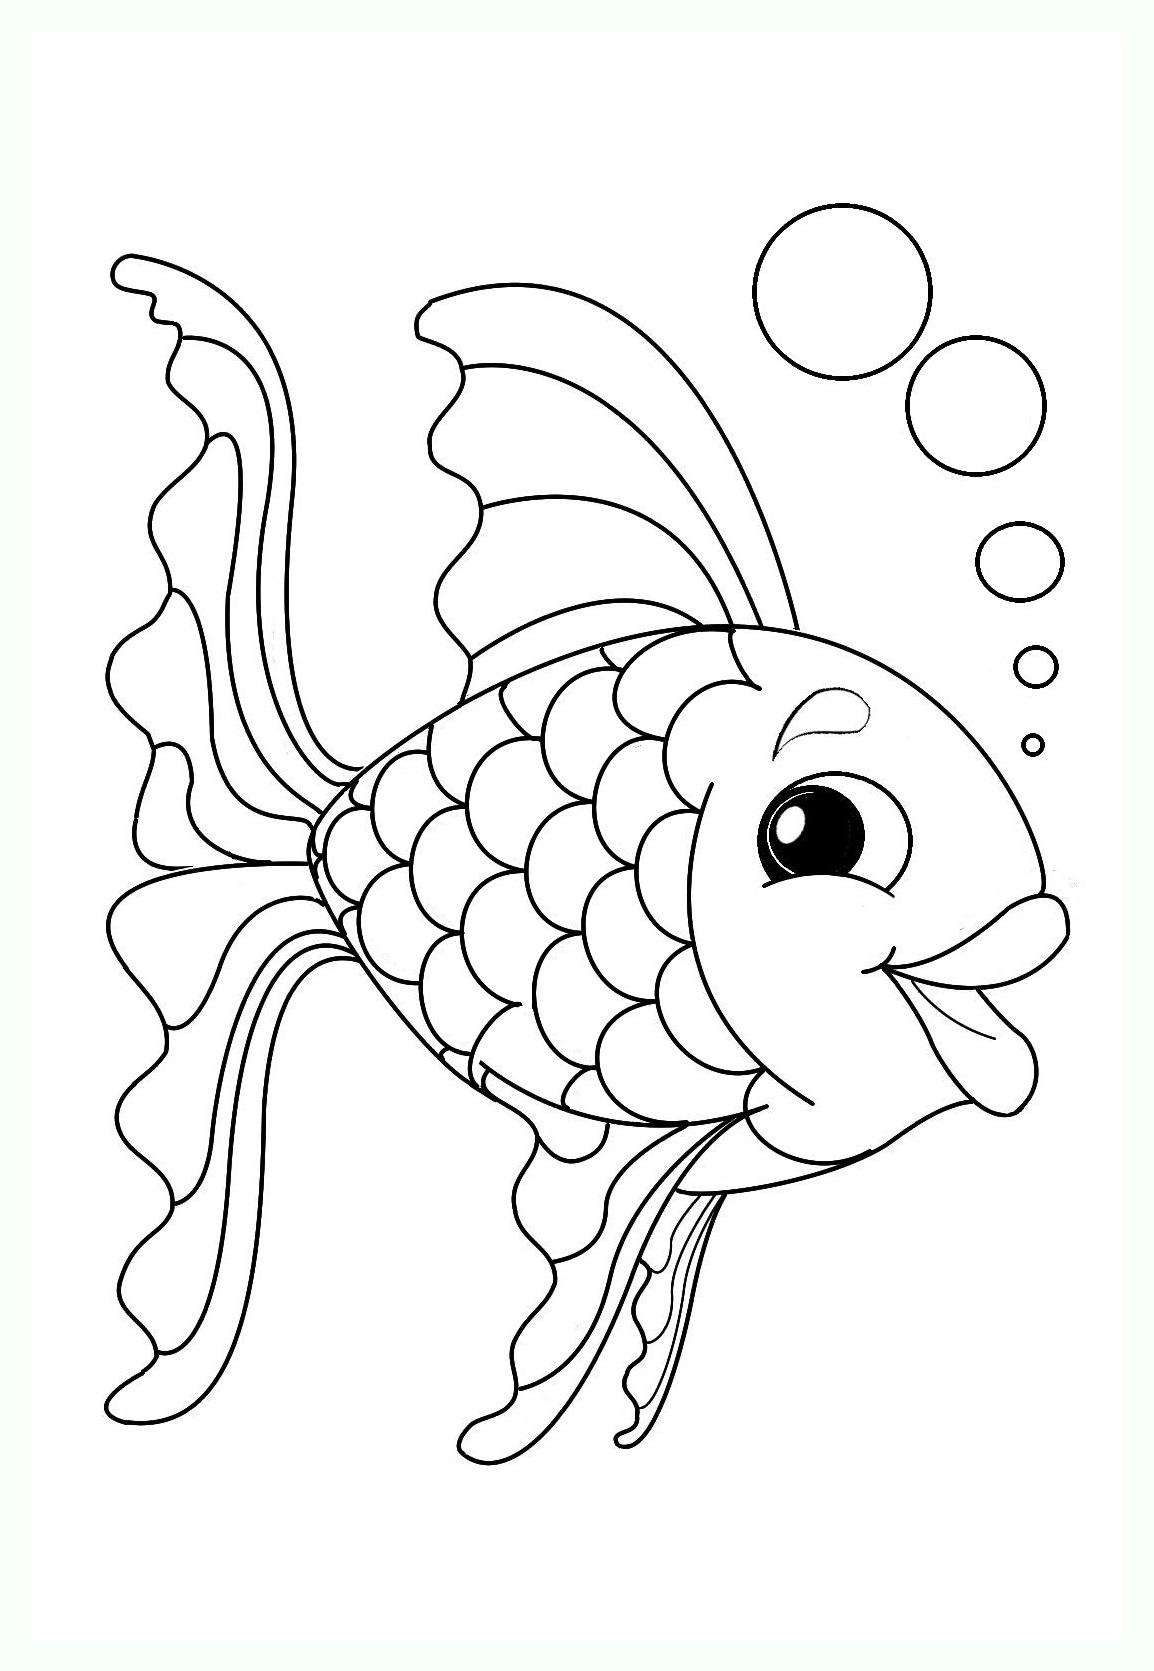 Poisson 4 coloriage de poissons coloriages pour enfants - Coloriage image ...